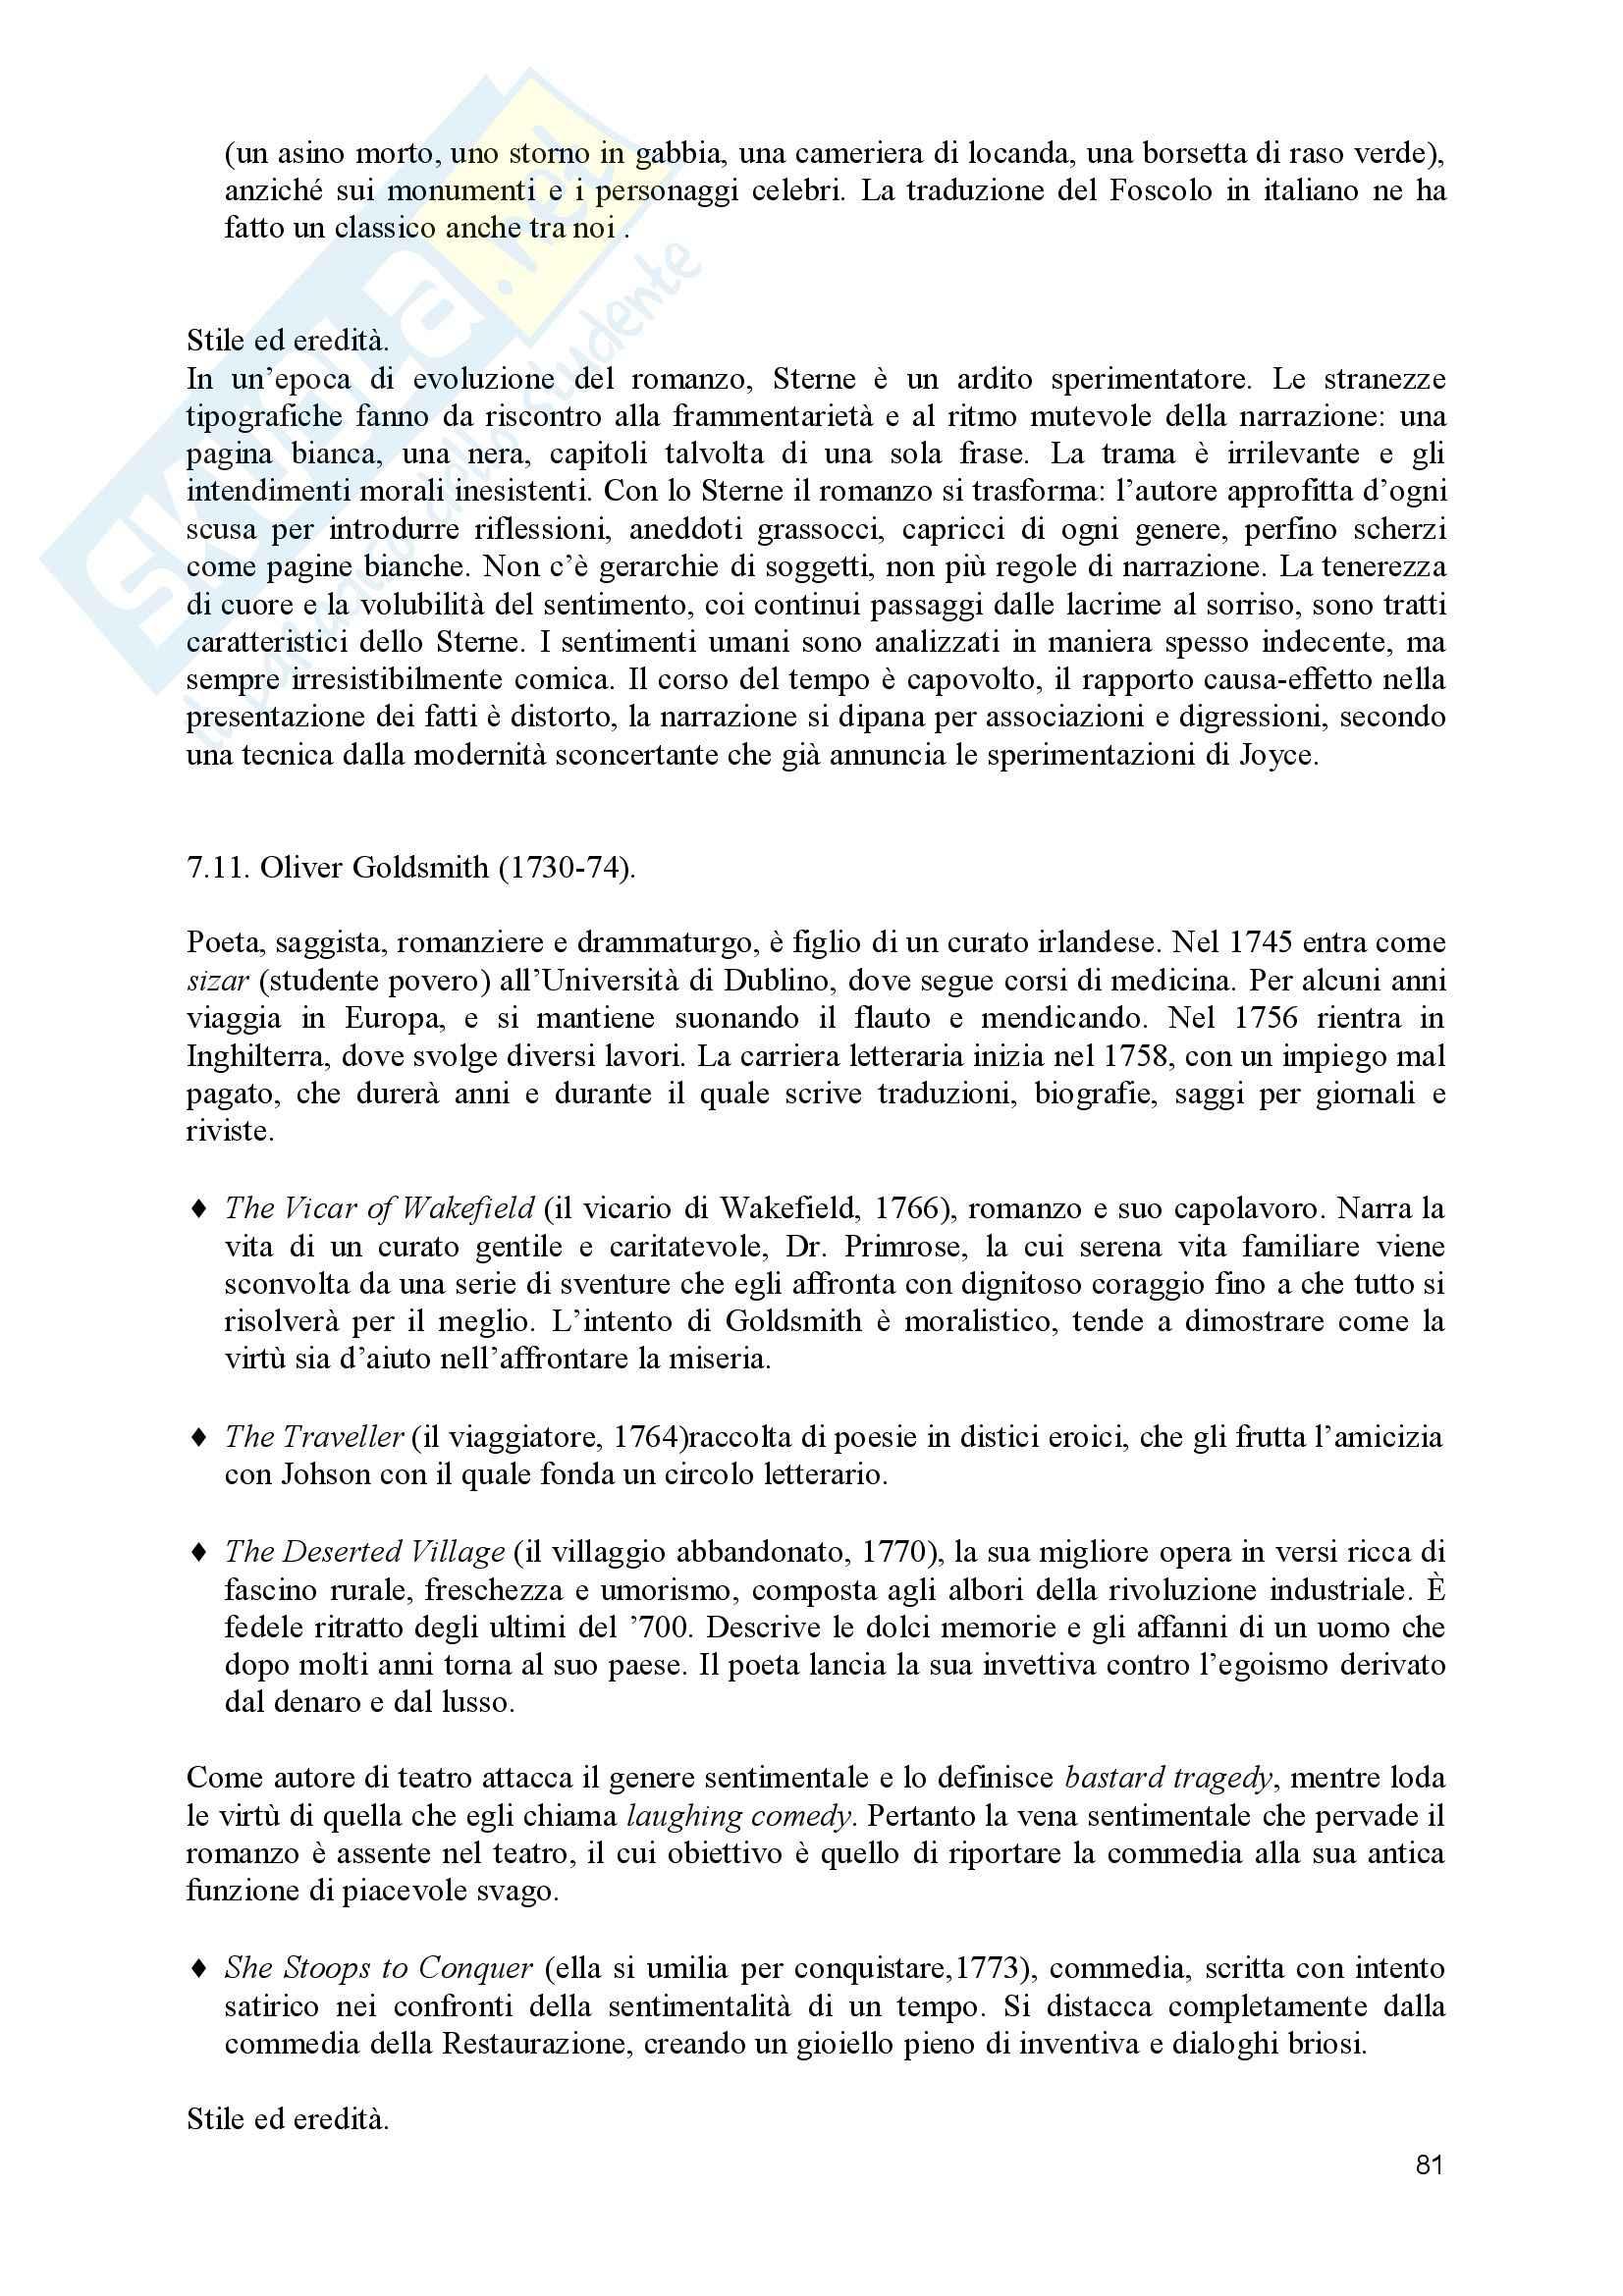 Lingua e Letteratura Inglese - Romanticismo Pag. 81